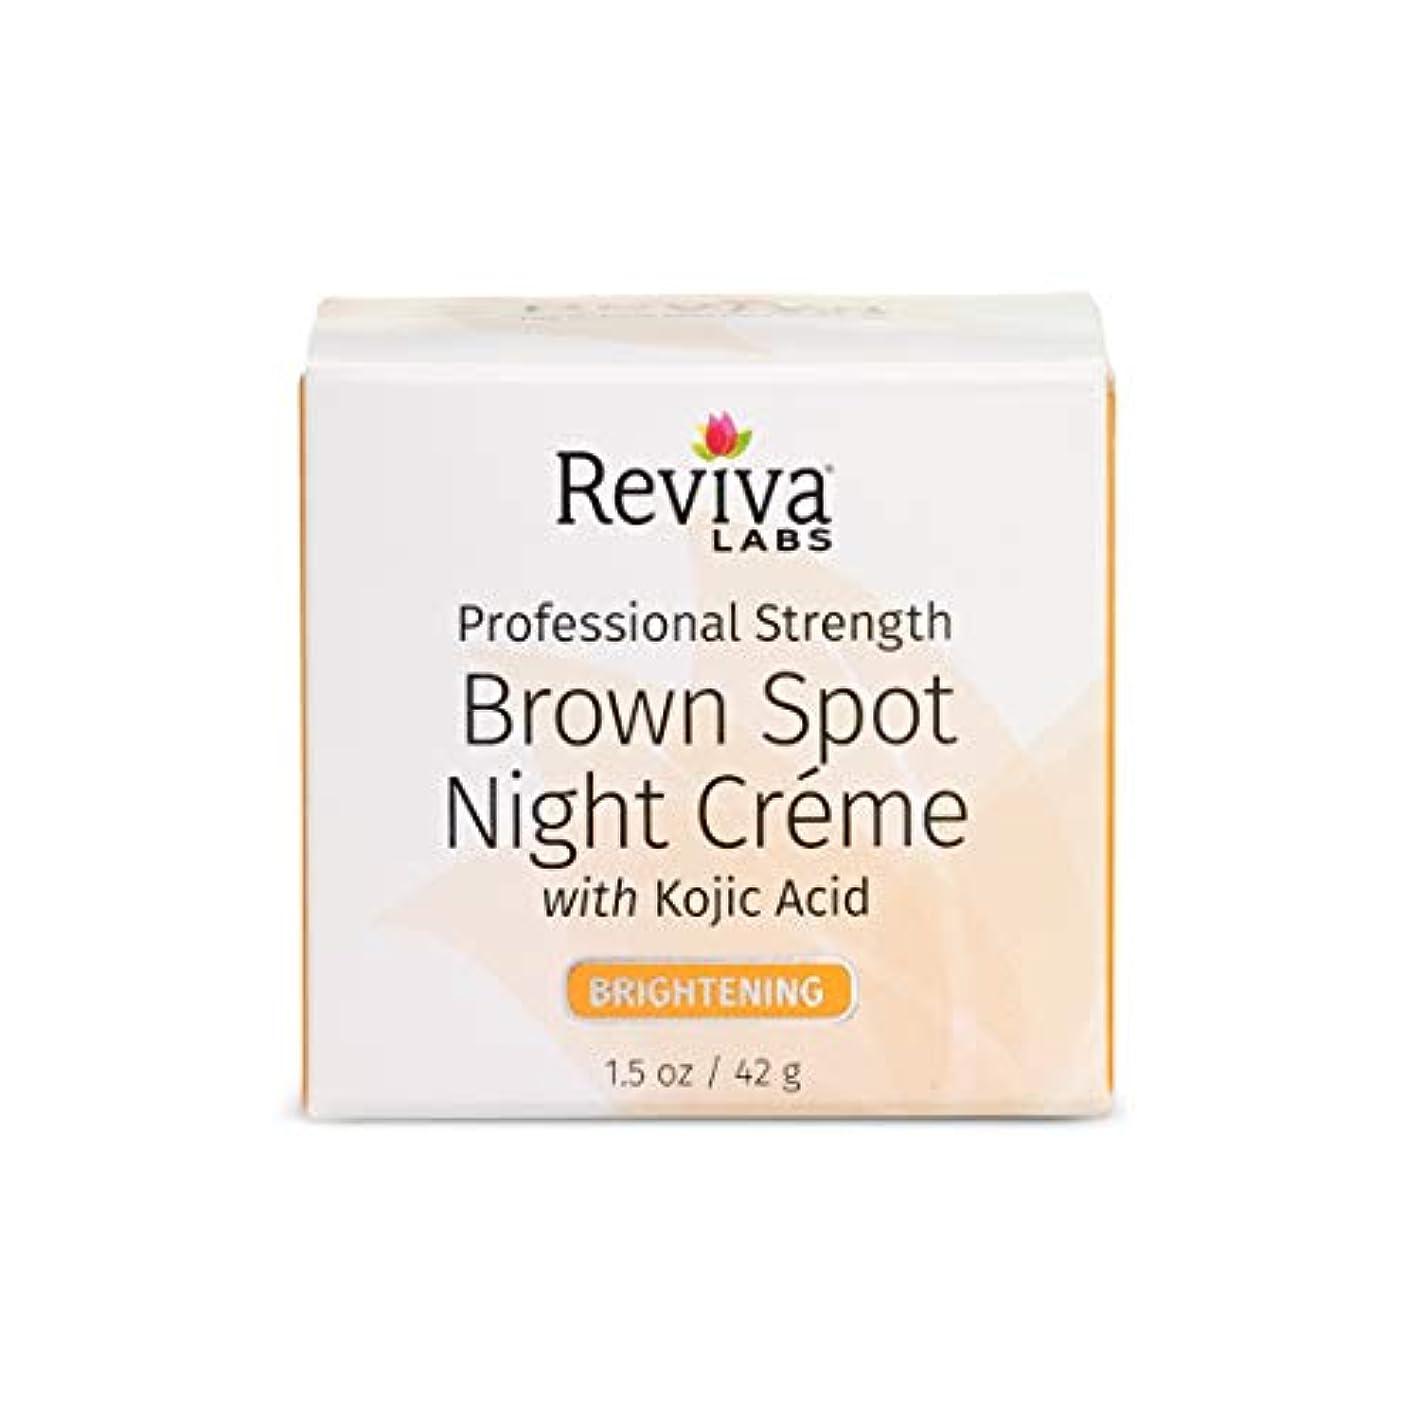 哲学博士アームストロングマラドロイト海外直送品 Reviva Brown Spot Night Cream, with Kojic Acid EA 1/1 OZ